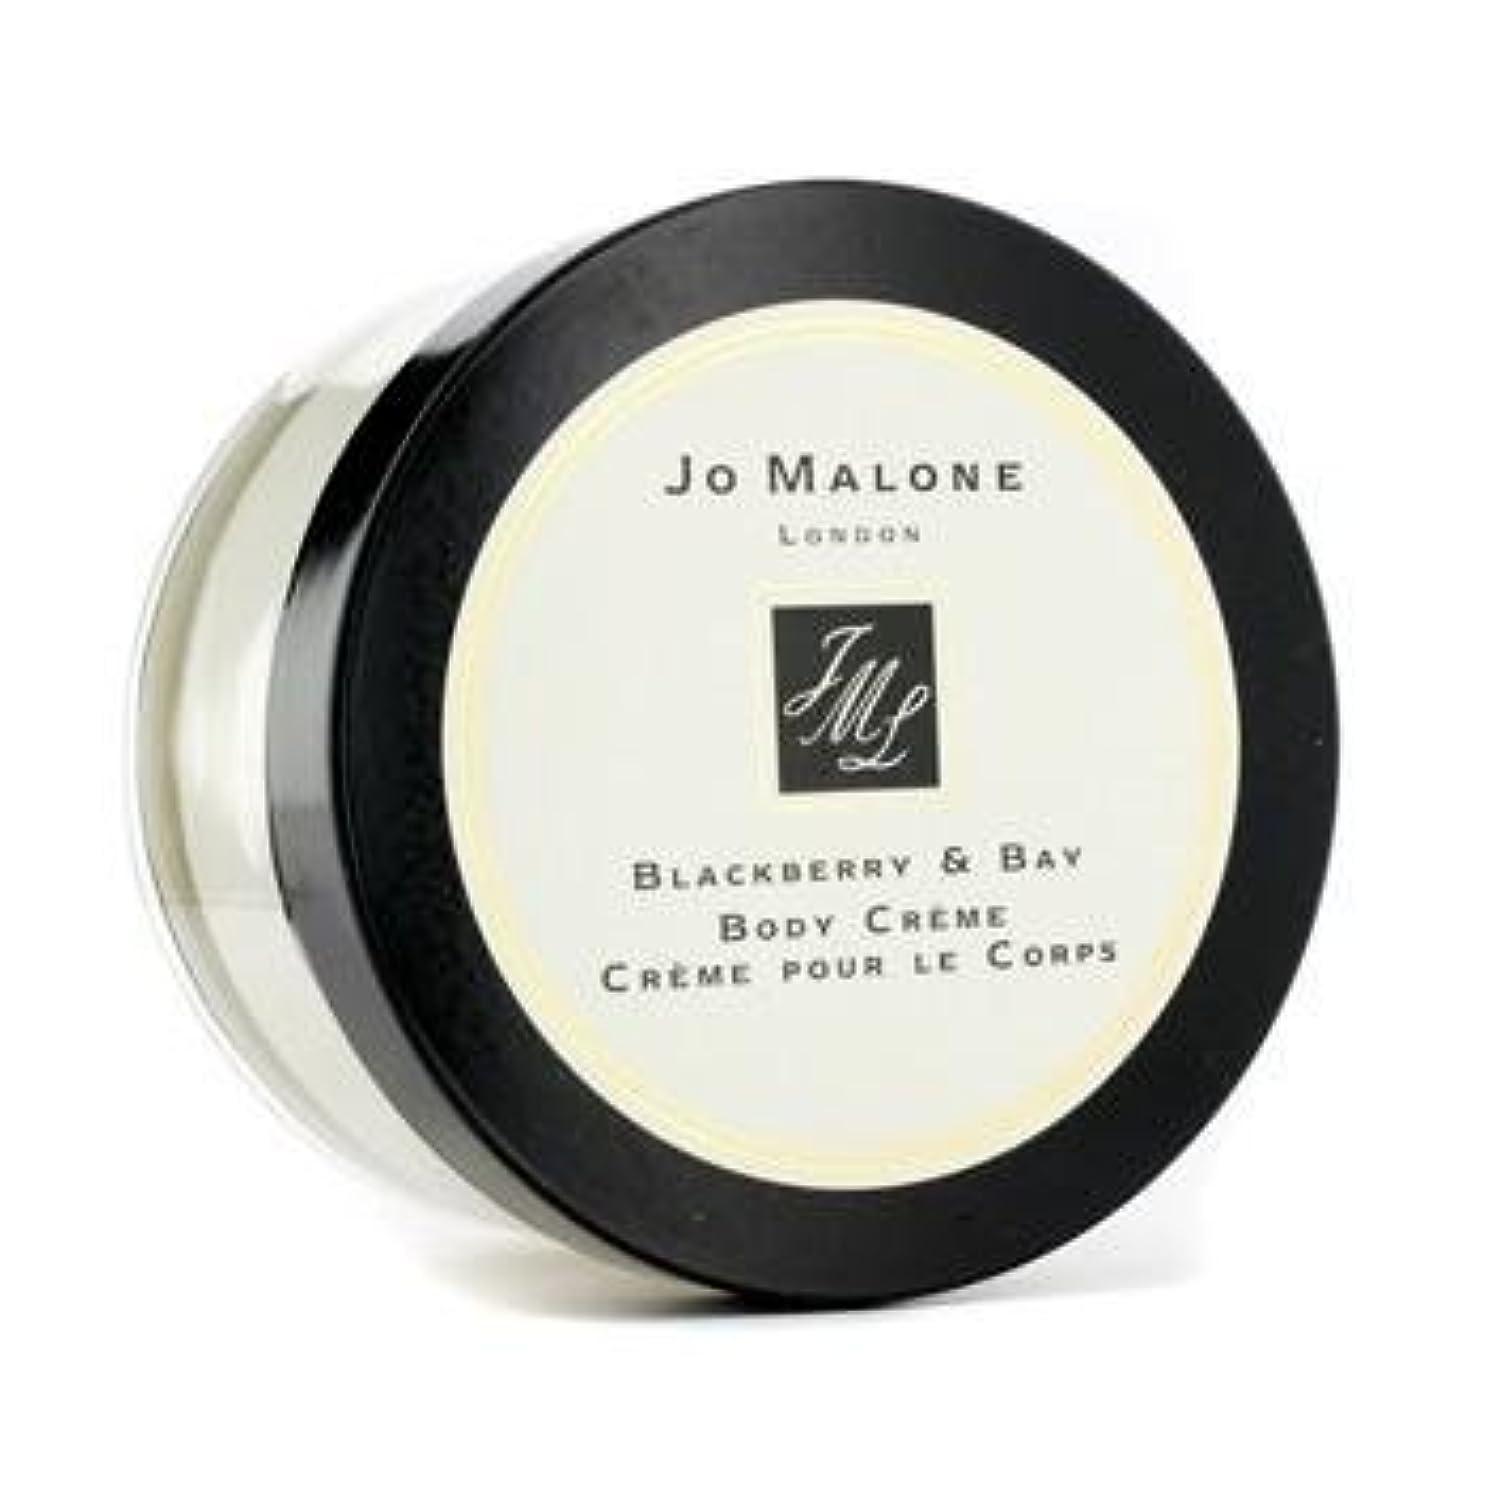 熱帯の我慢する追い越すJO MALONE ジョー マローン ブラックベリー & ベイ ボディクリーム 175ml [並行輸入品]